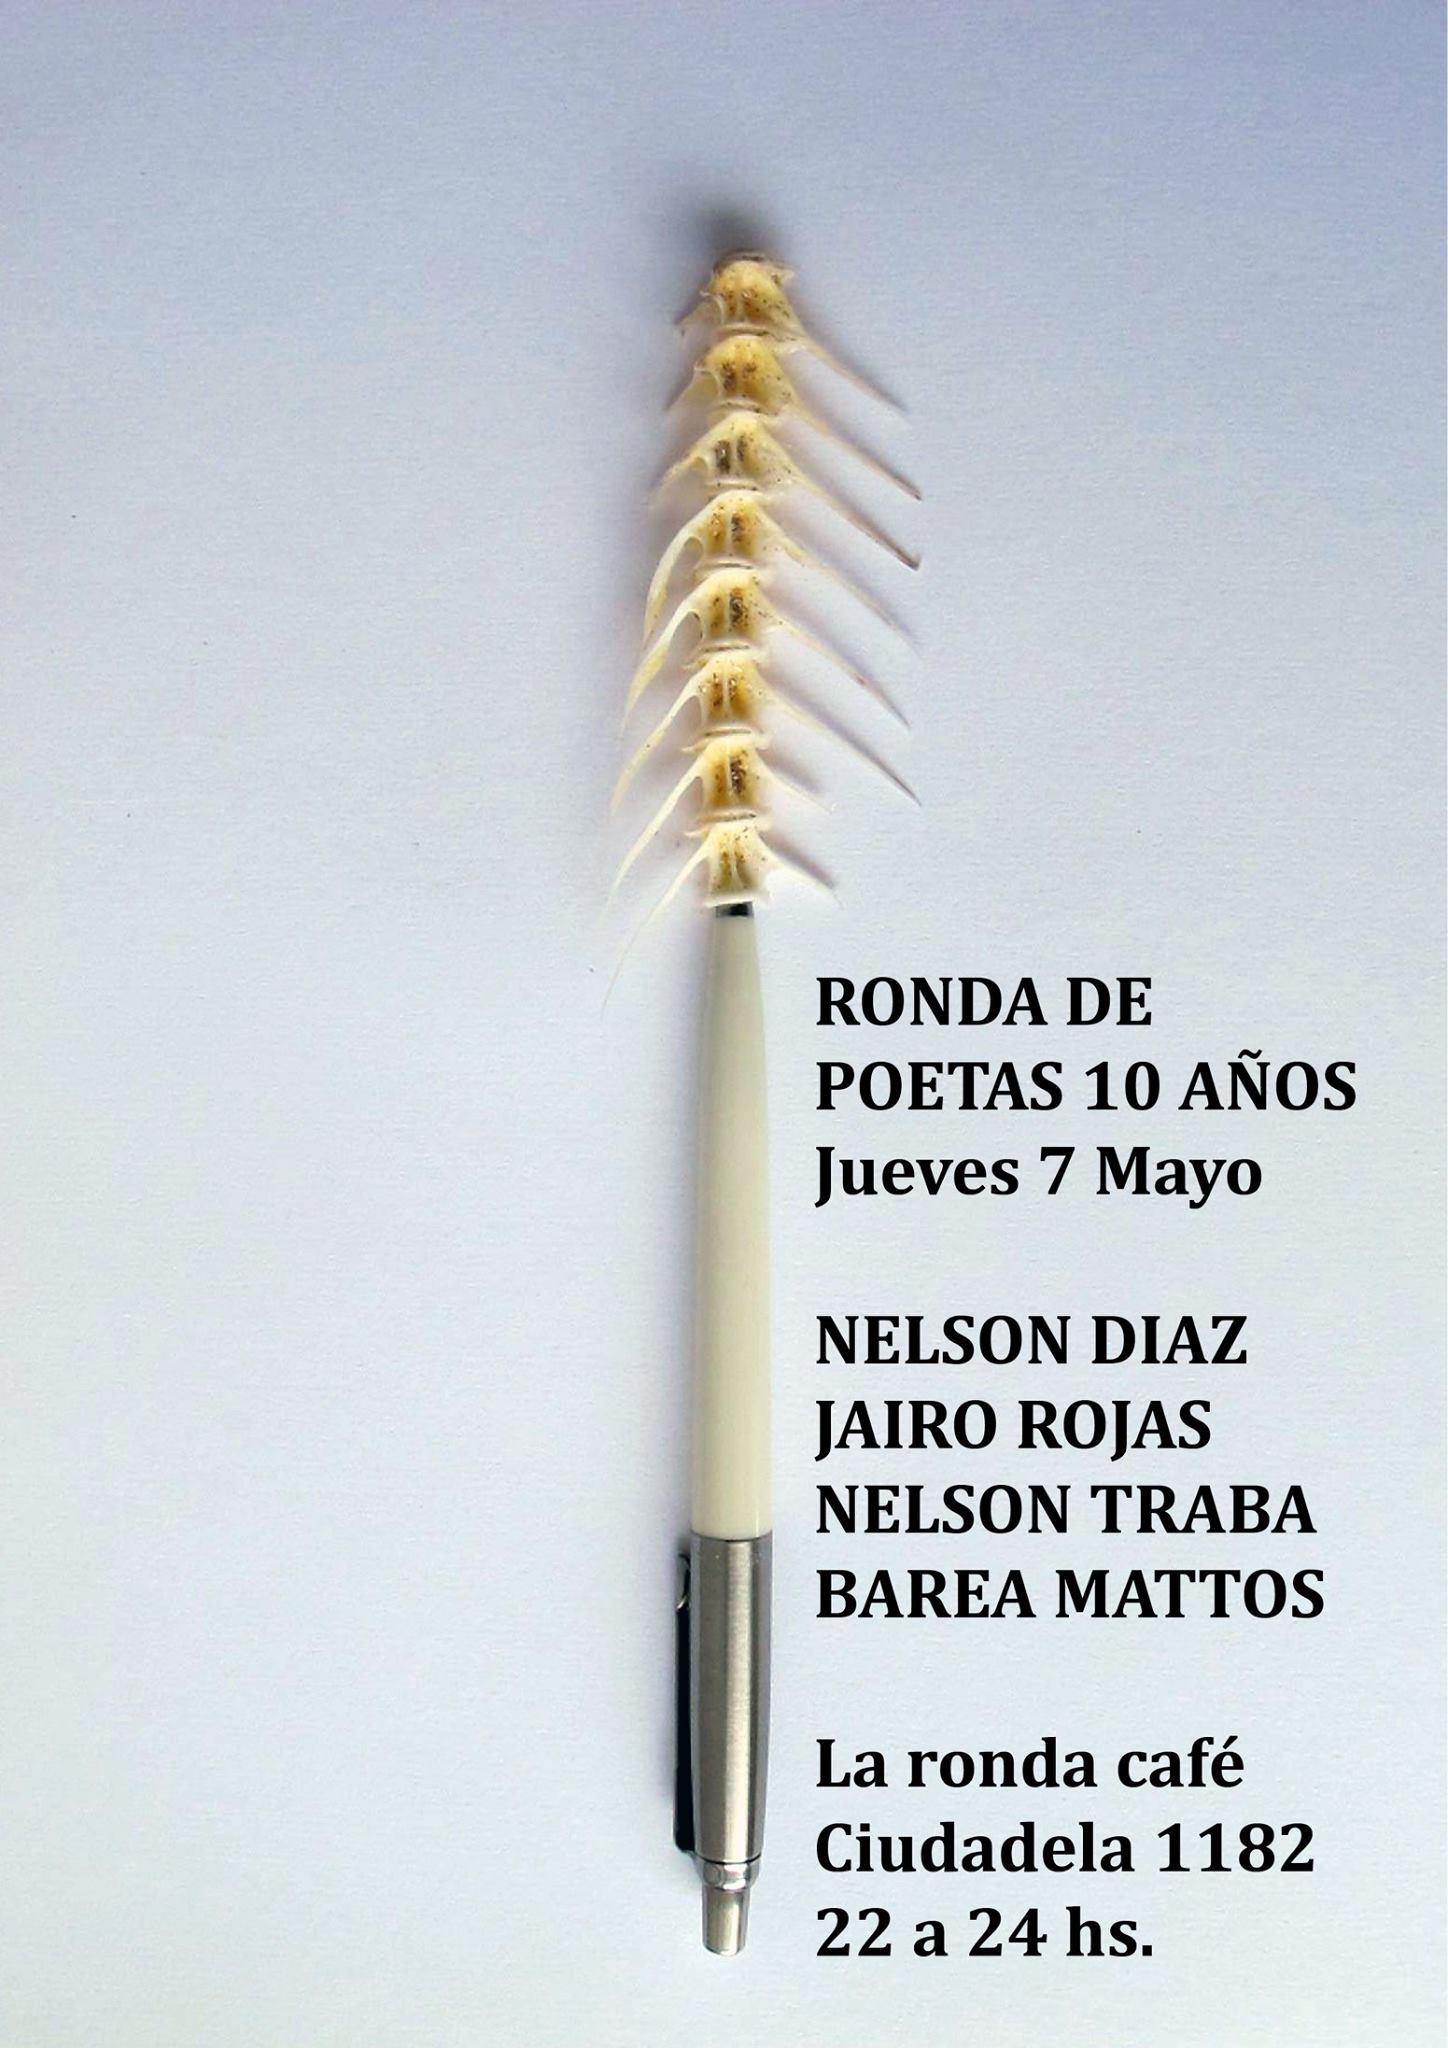 imagen - RONDA DE POETAS